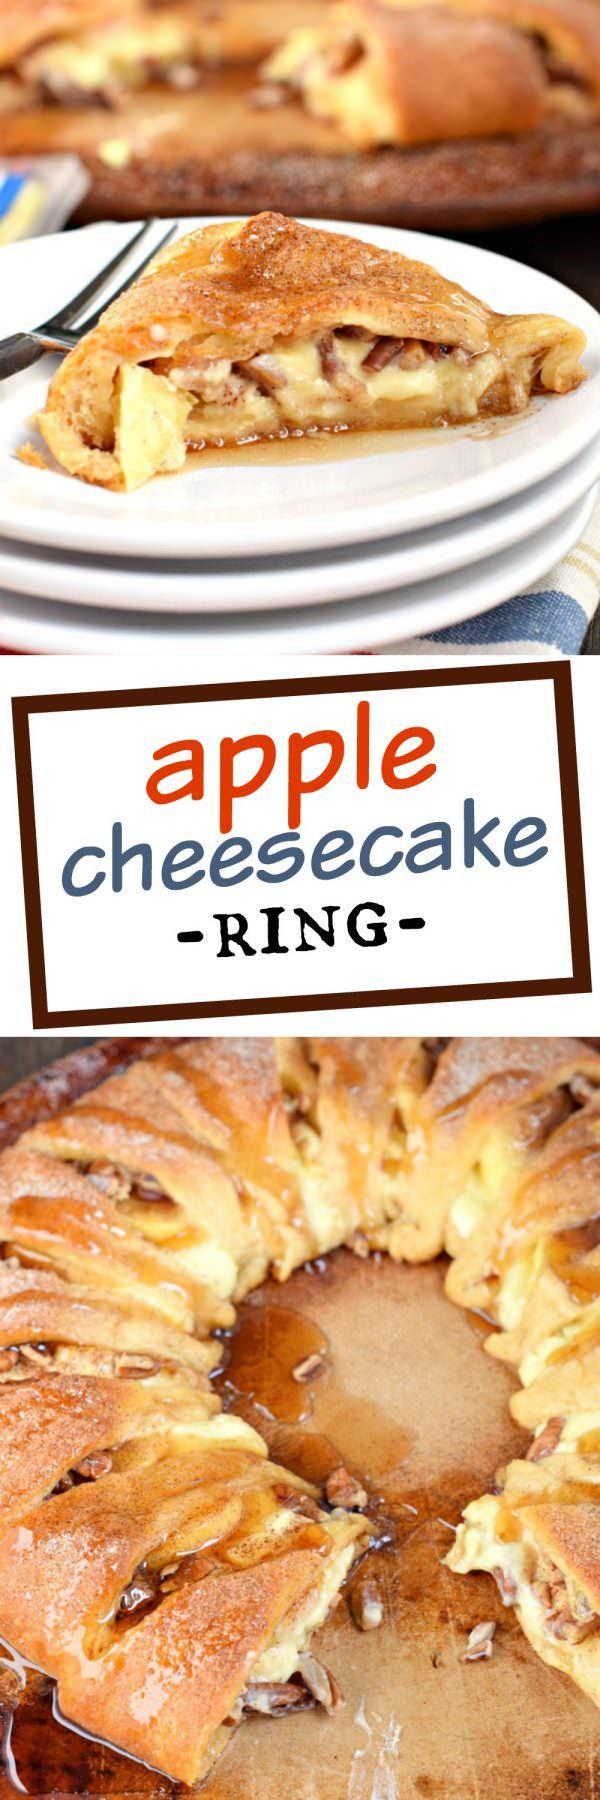 Este anillo de queso de Apple es el desayuno perfecto de vacaciones, o servir a su familia para el brunch!  Te encantará la inusual corteza media luna rollo, el relleno de queso dulce y la contracción de las manzanas!